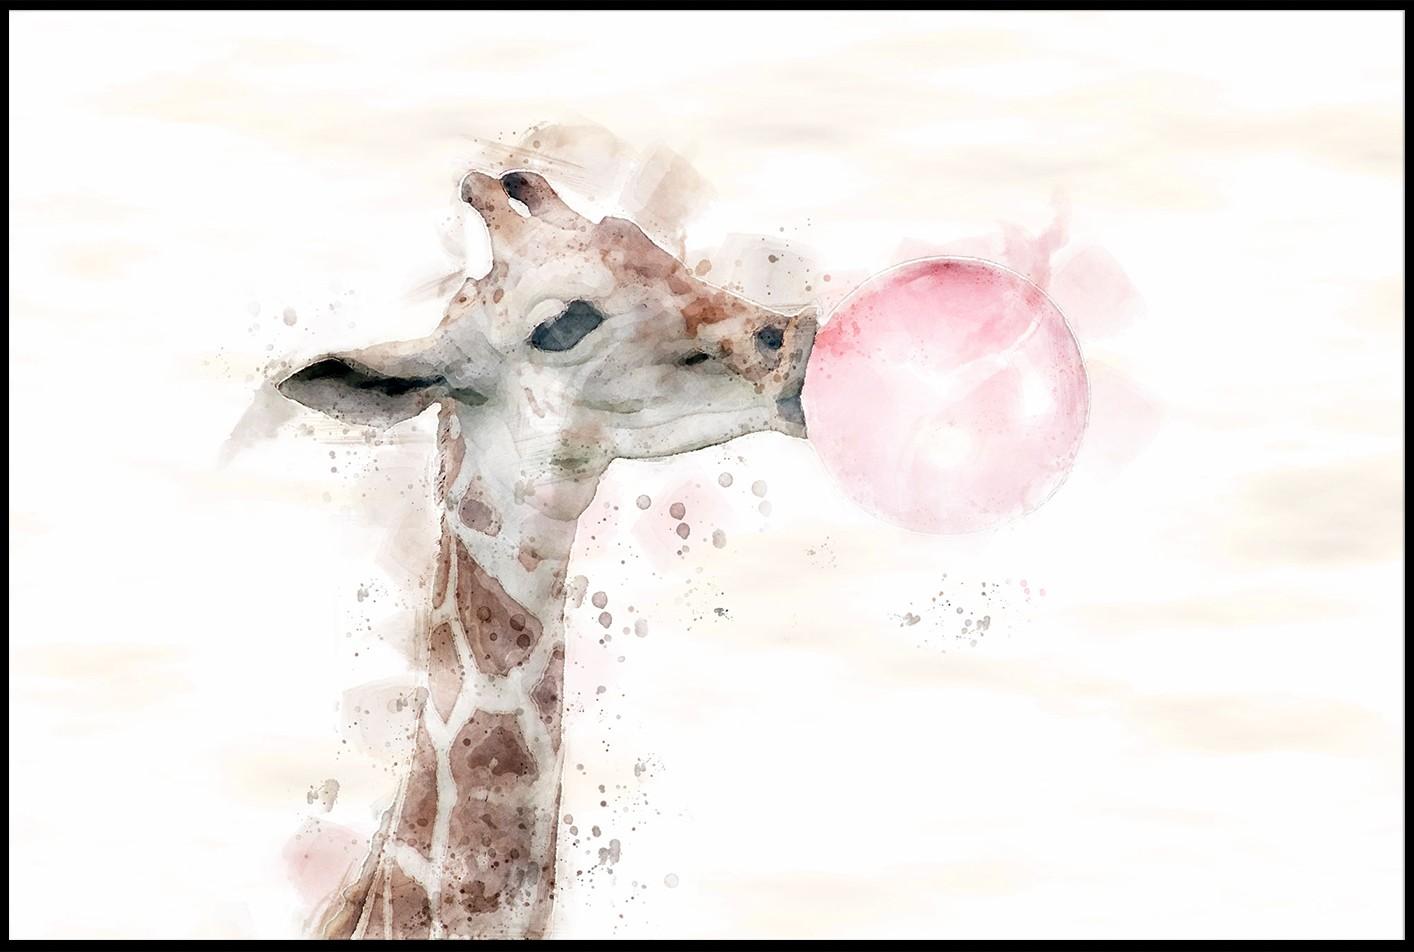 girafe aqua